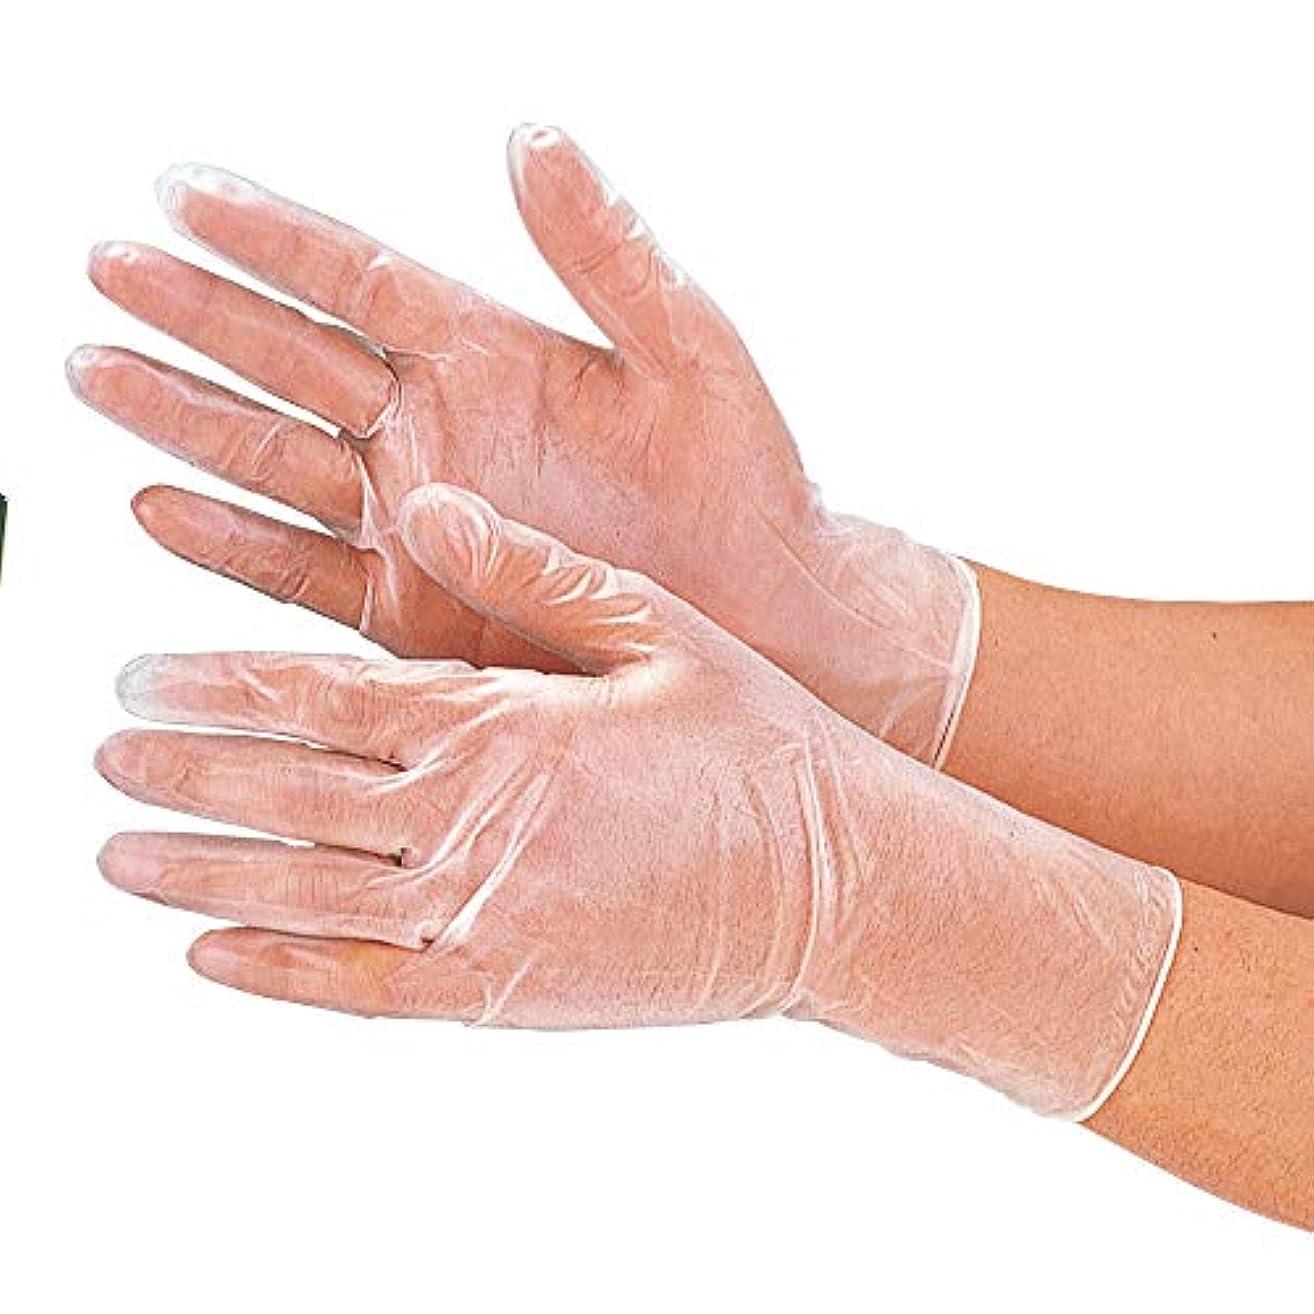 アクティビティ記録劇作家おたふく手袋 プラスチックディスポ手袋 100枚入り #255 S/M/L